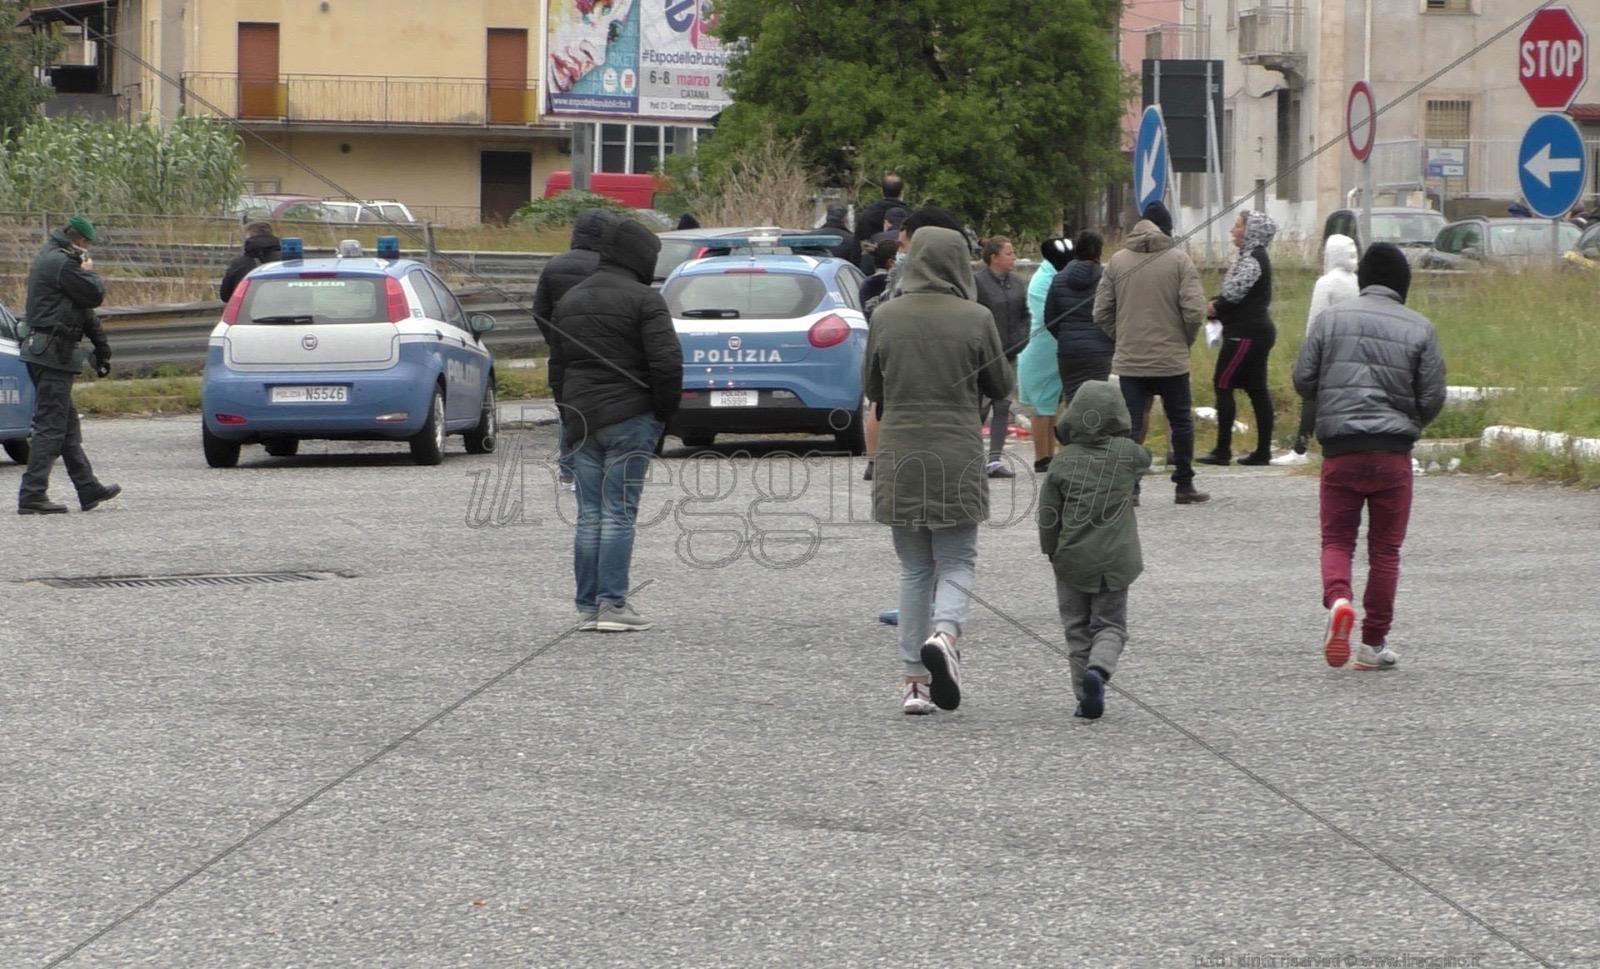 Coronavirus, Santelli: «La Calabria non può farsi carico delle persone bloccate a Villa San Giovanni»